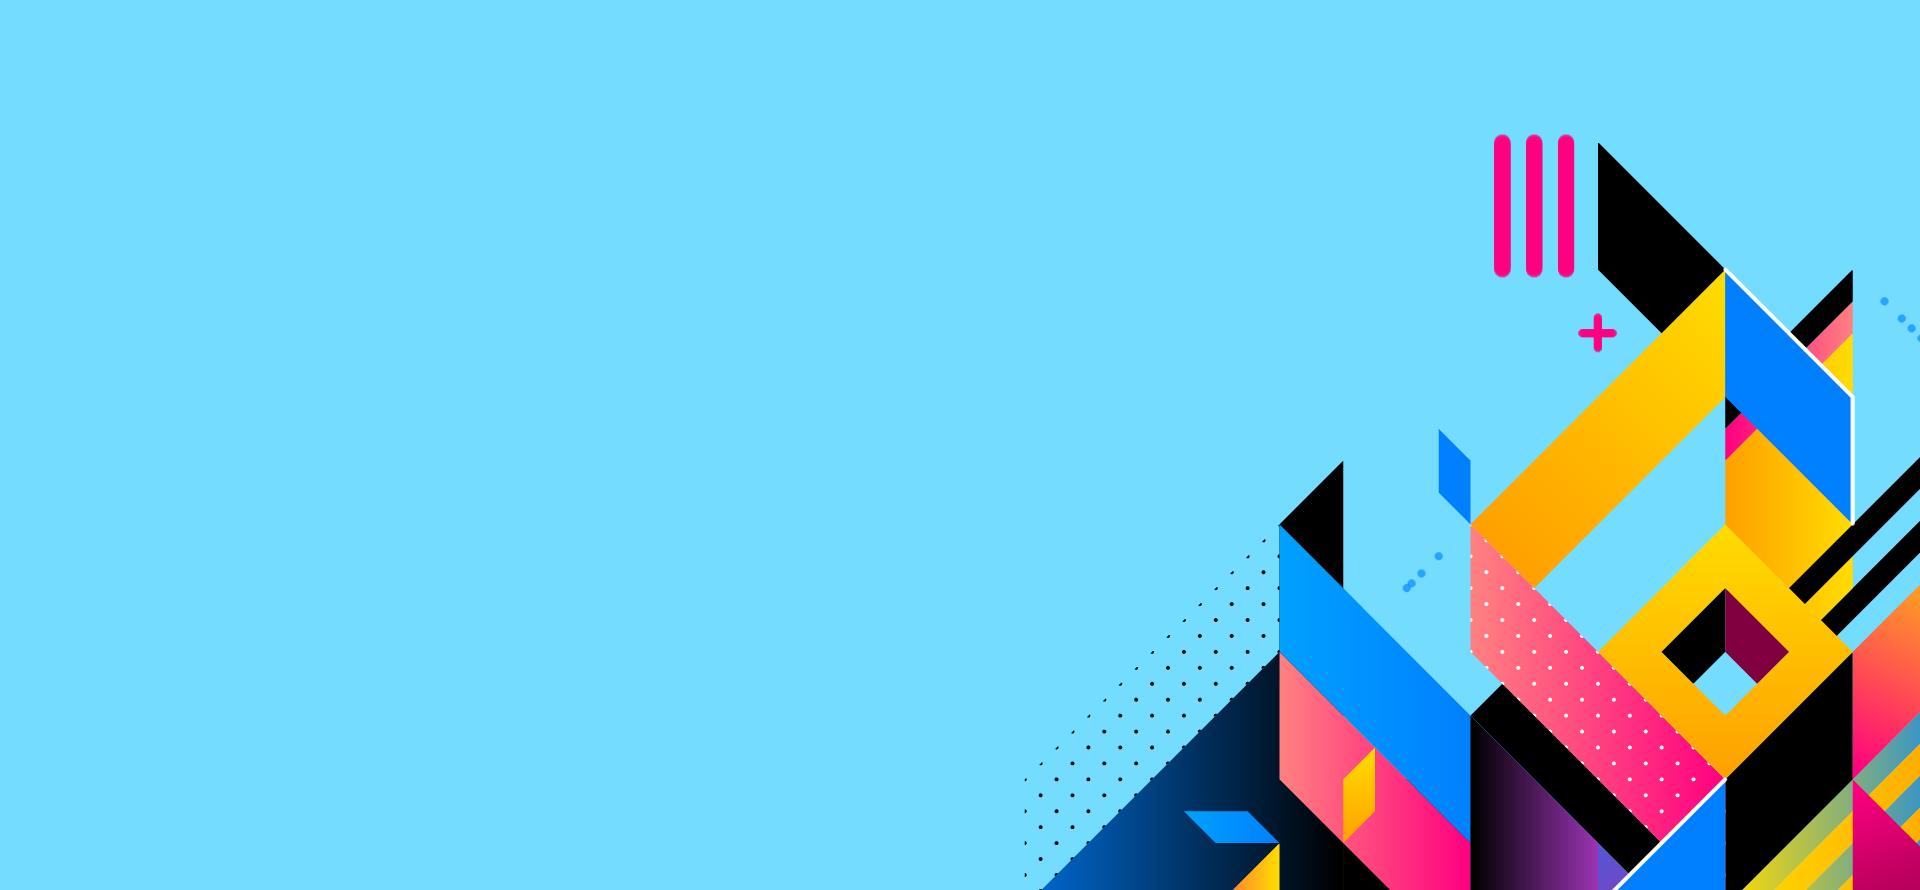 immagine sfondo azzurra con figure astratte